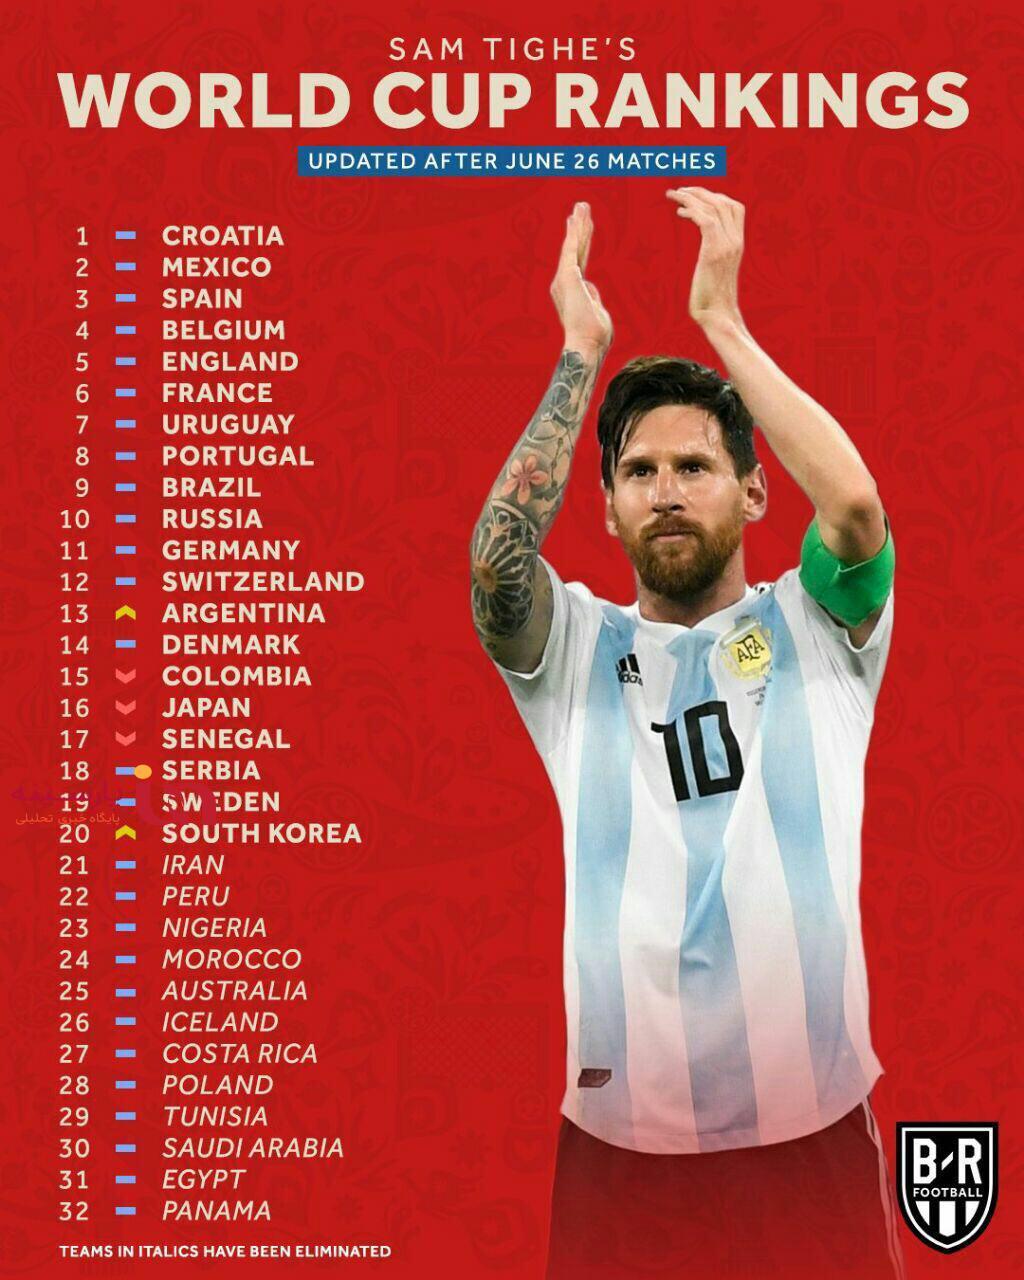 رنکینگ قدرت تیمهای حاضر در جام جهانی